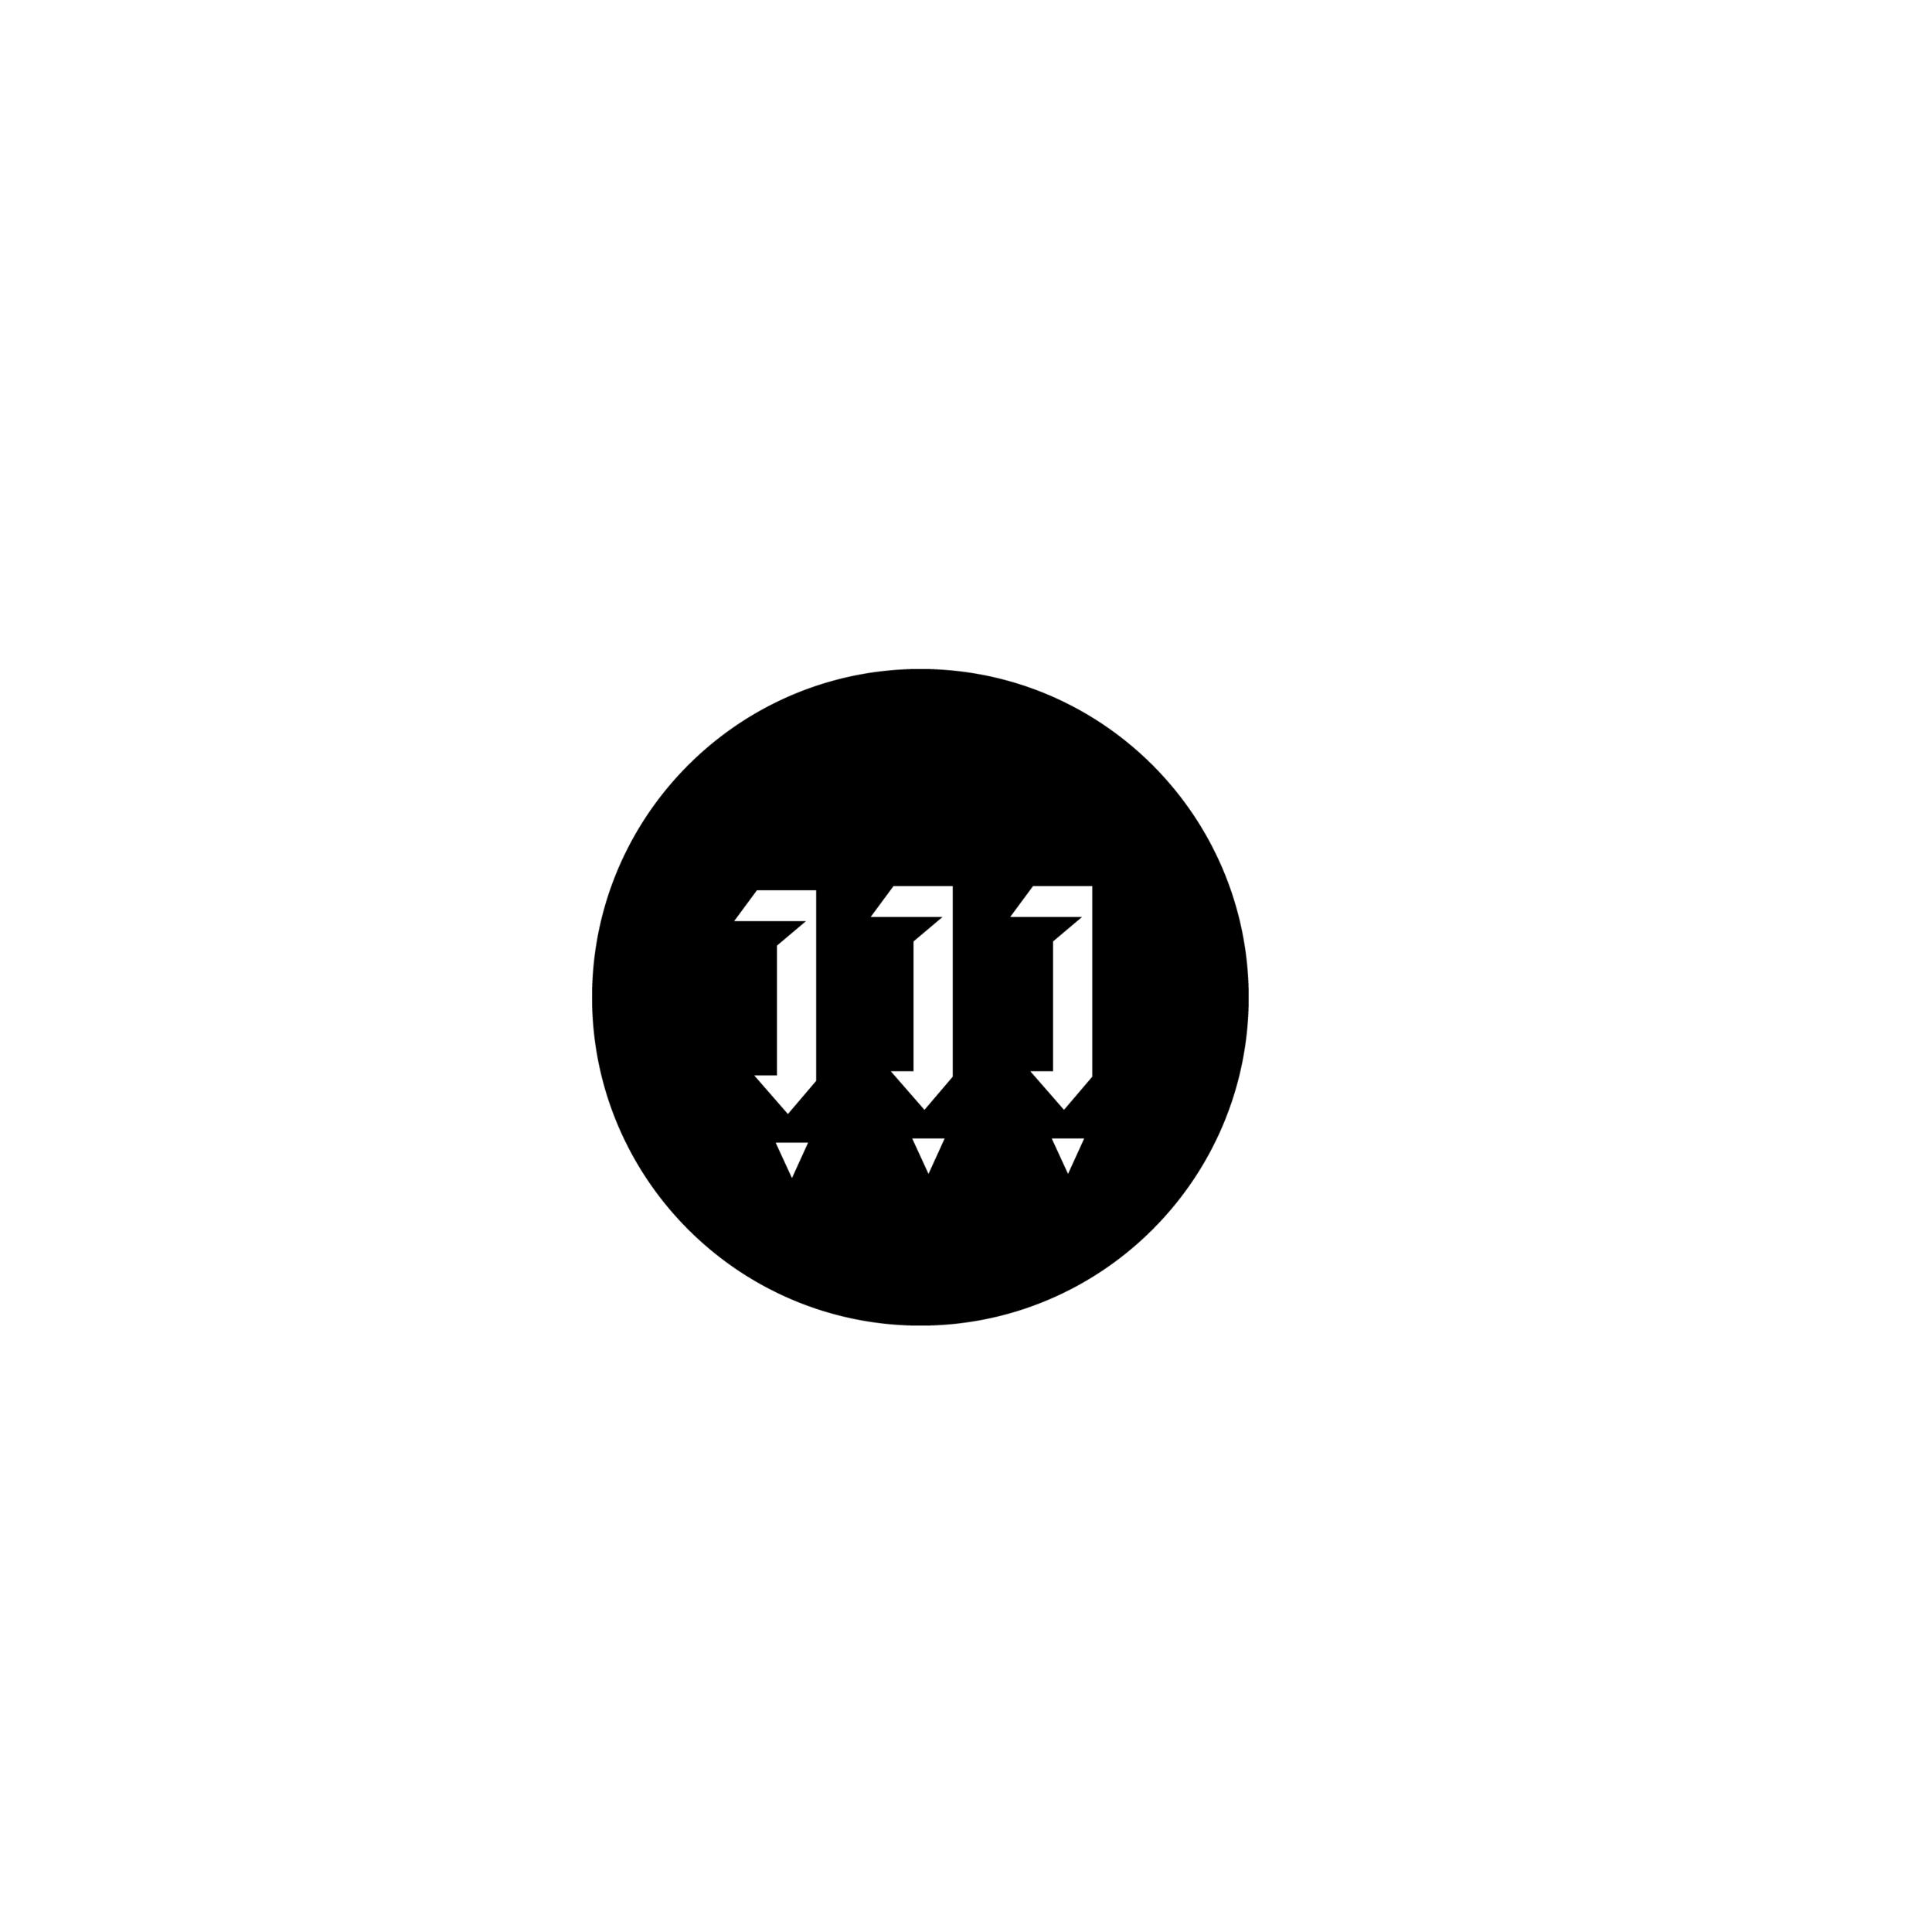 julian logo 4@3x.png